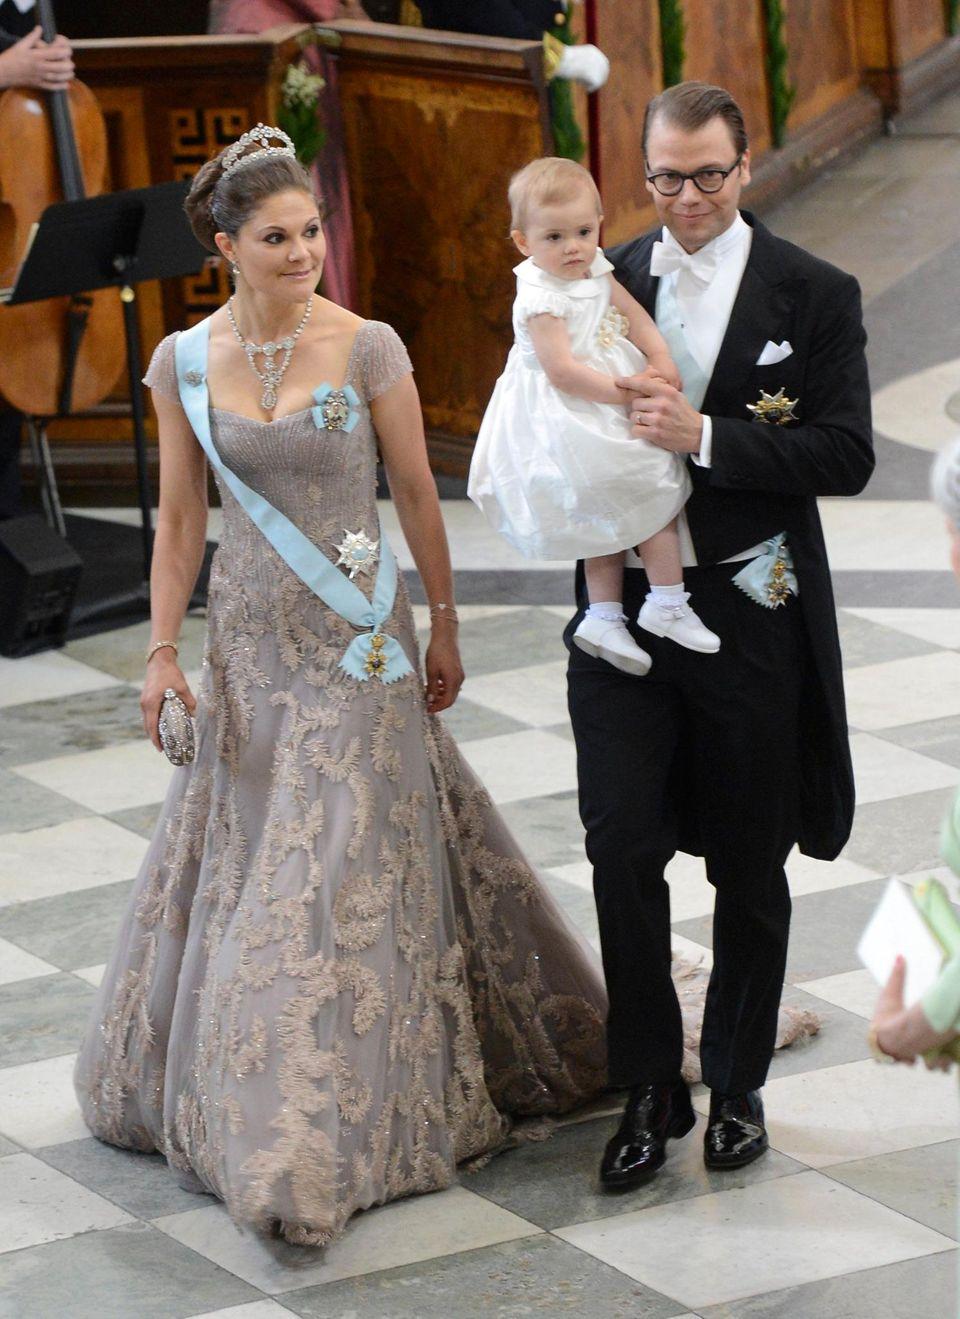 Prinzessin Victoria mit Töchterchen Estelle und Ehemann Prinz Daniel.